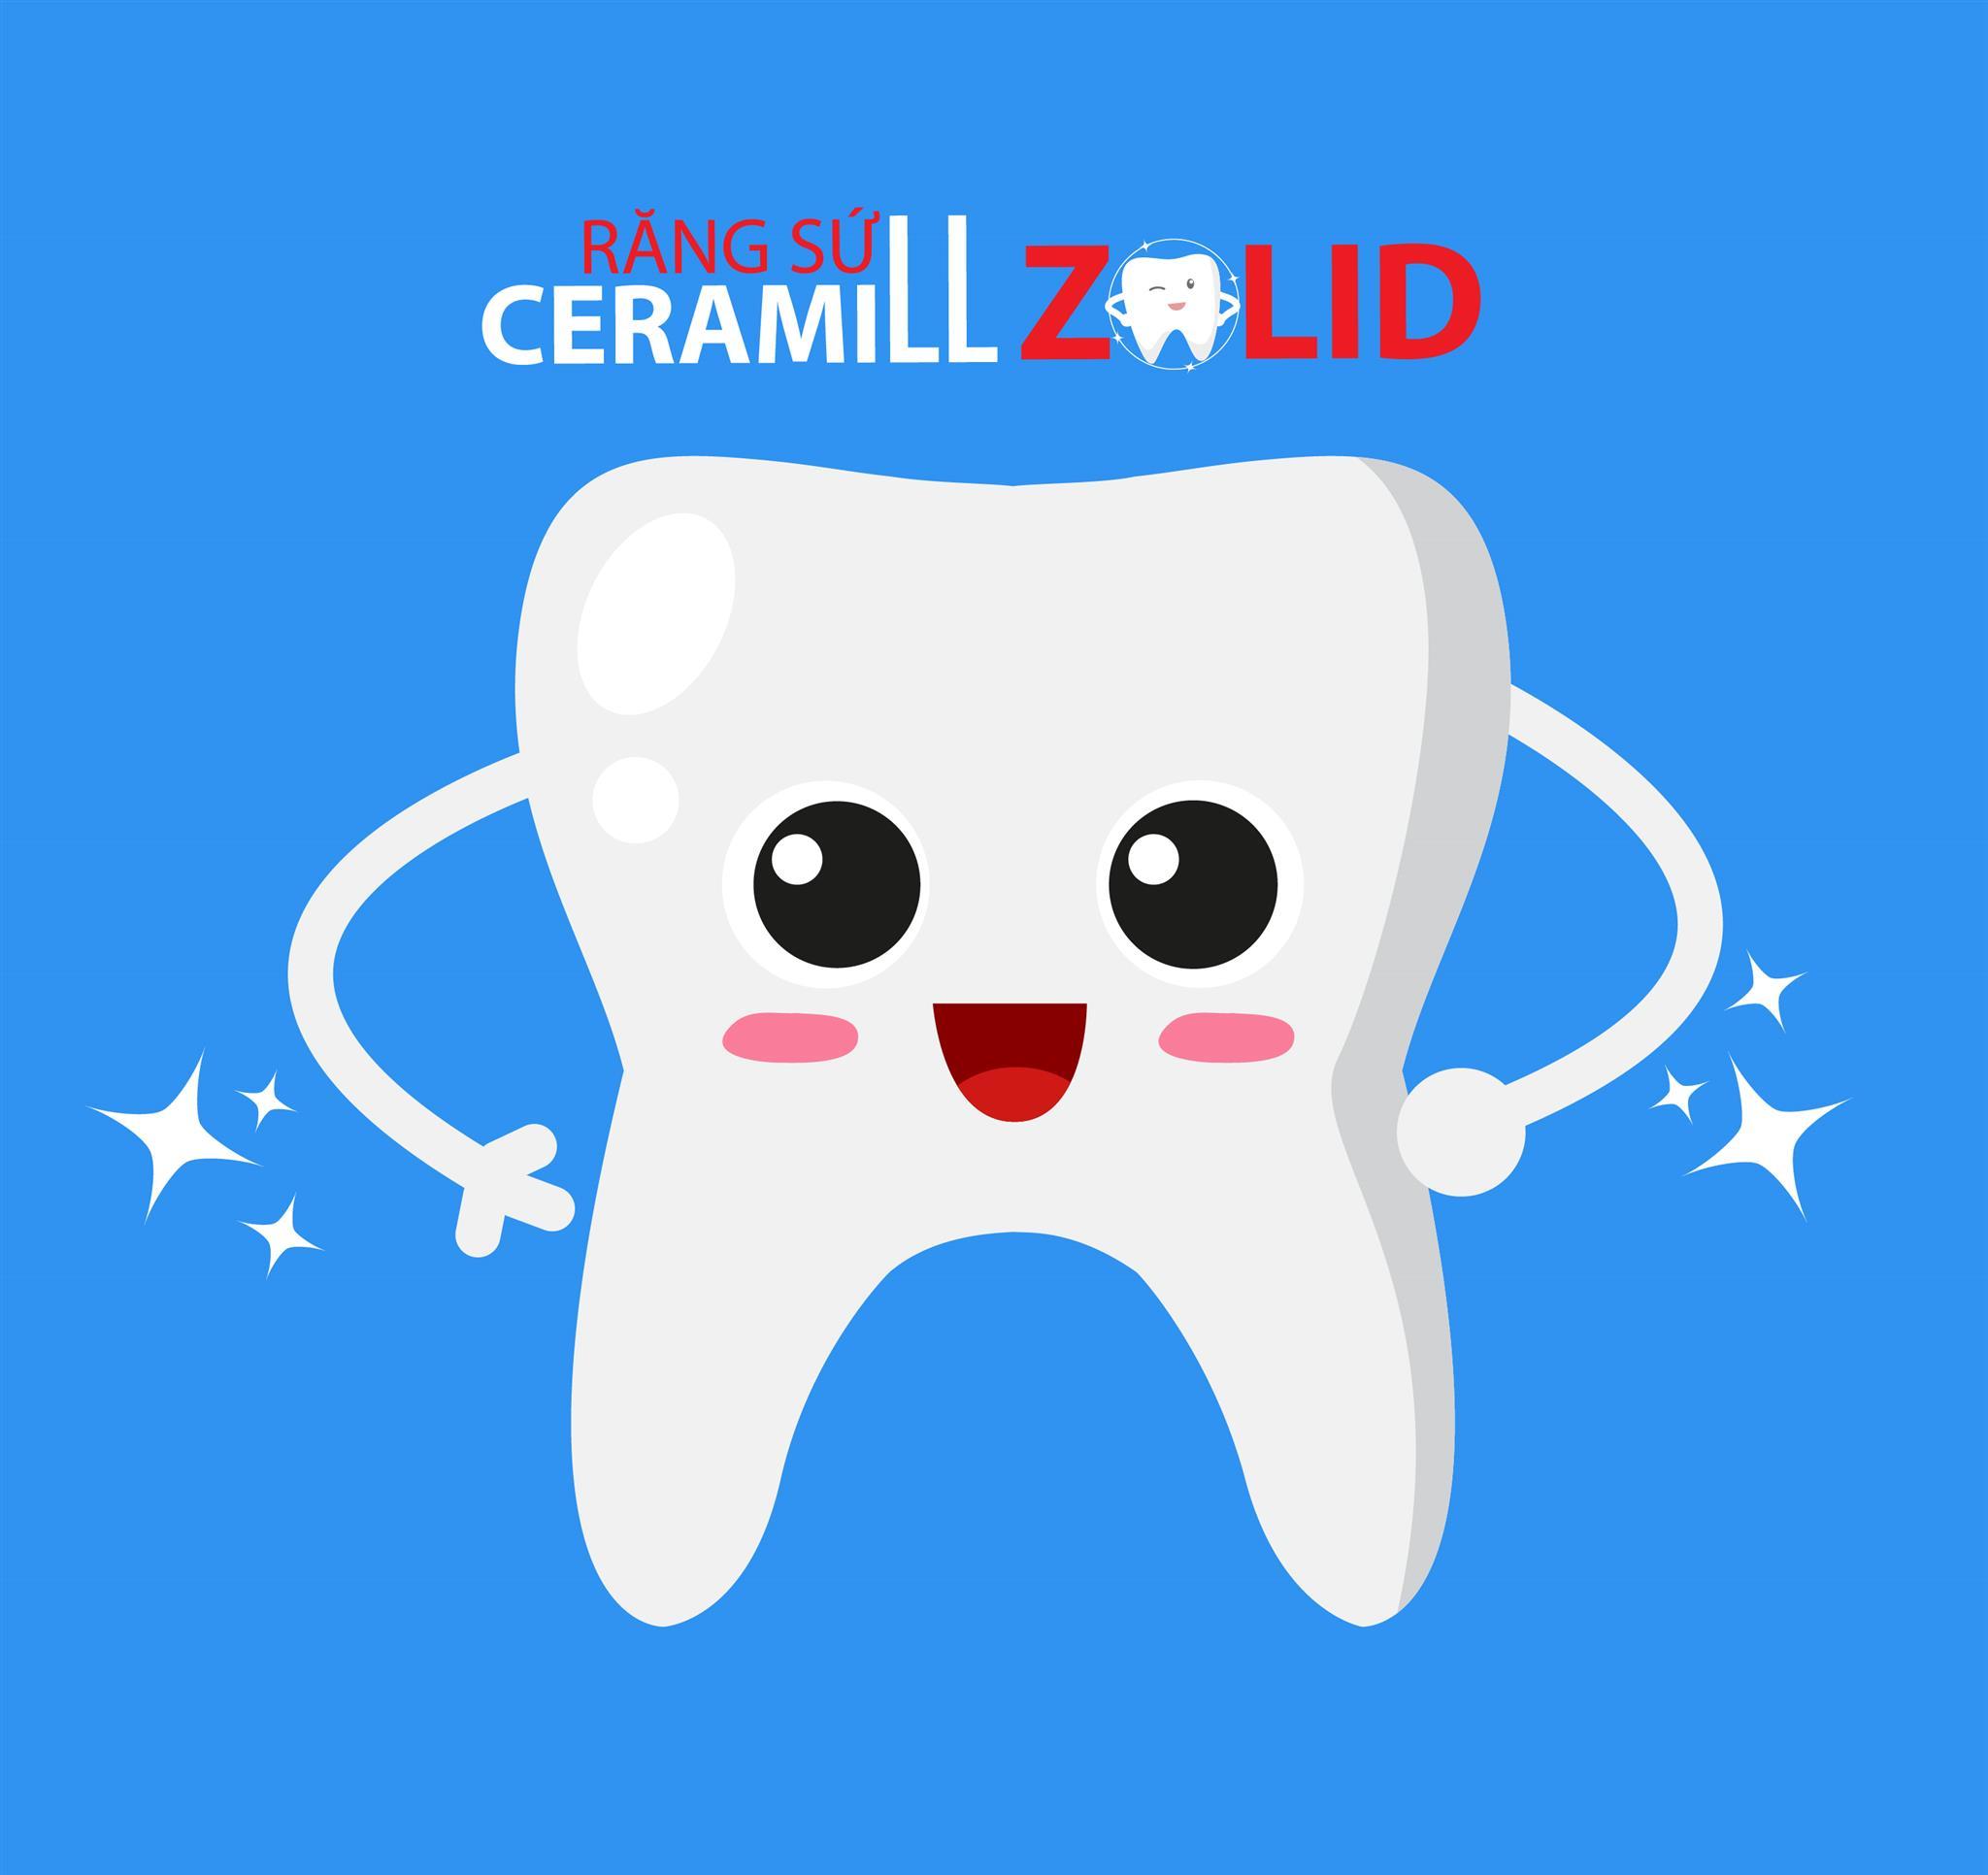 Bọc răng sứ như thế nào để vừa bền vừa đẹp?